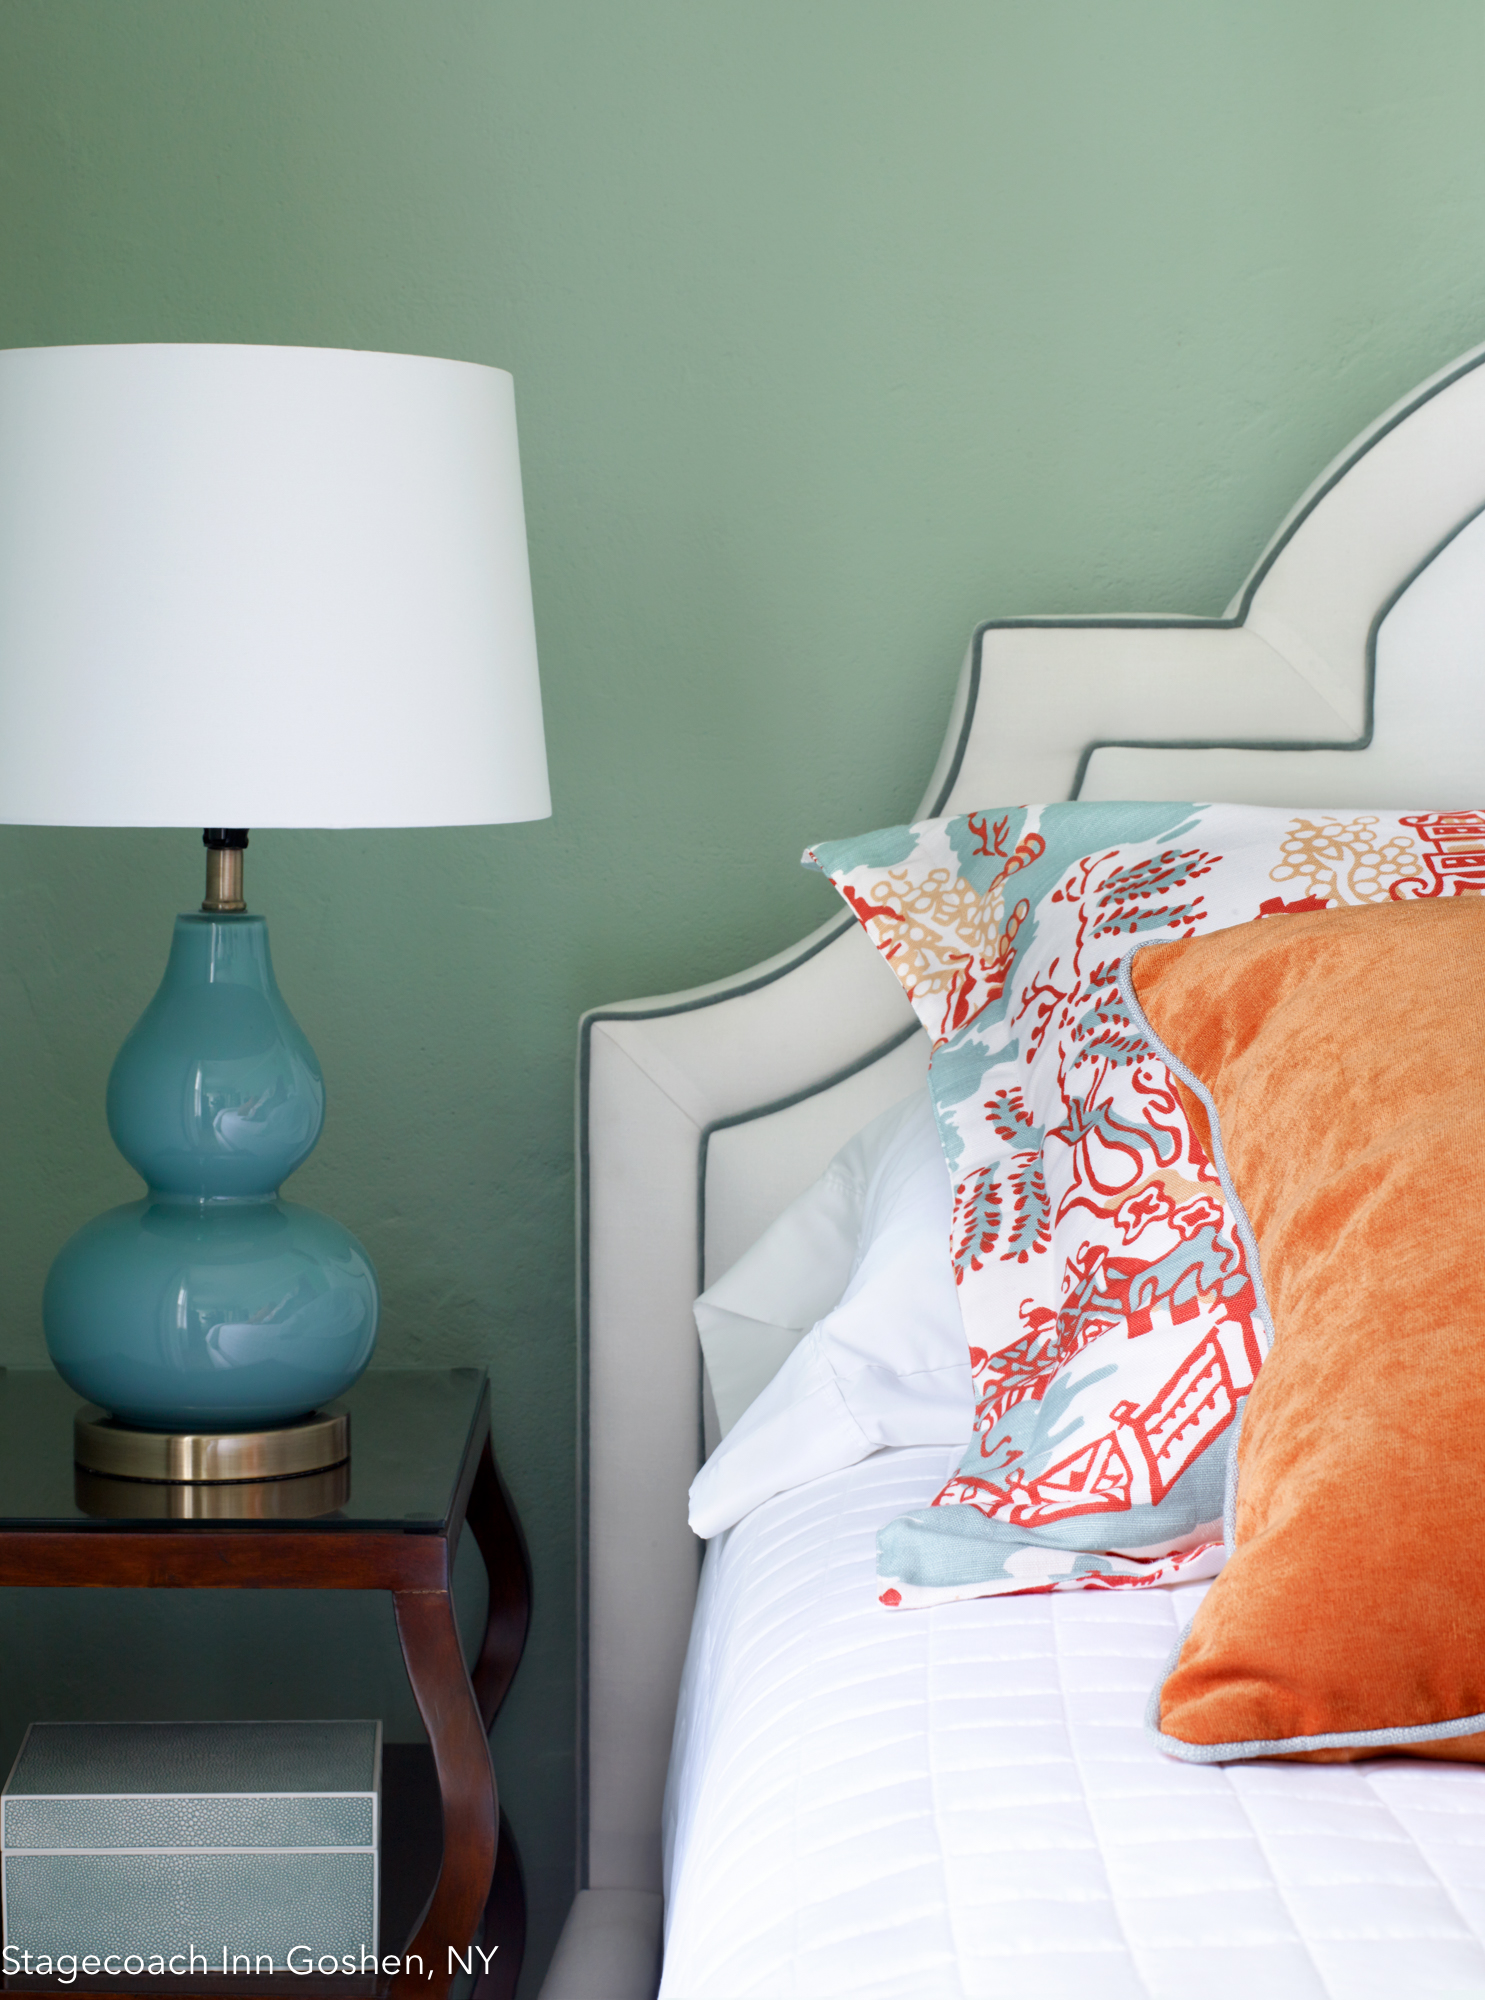 Guggenheim_Bedroom_Detail.jpg